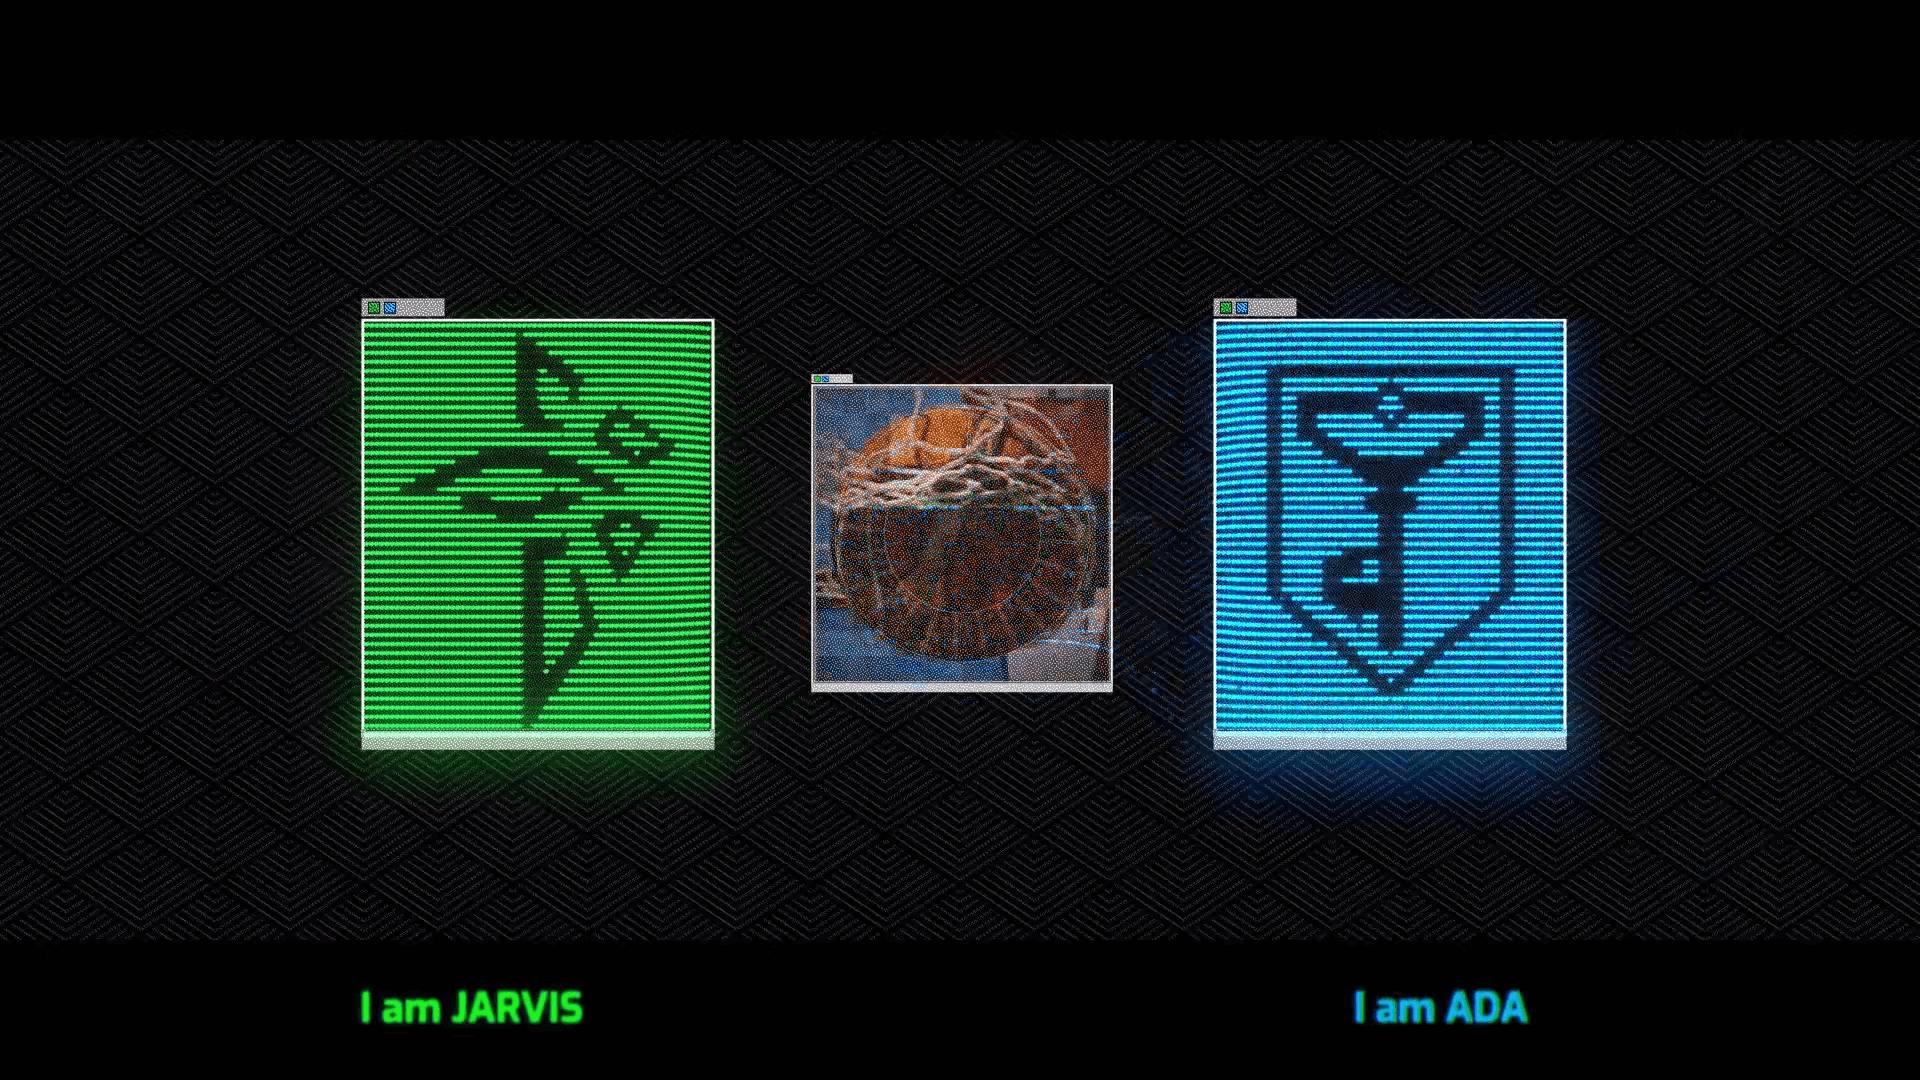 Ingress Prime: novo jogo da Niantic recruta jogadores através de IA